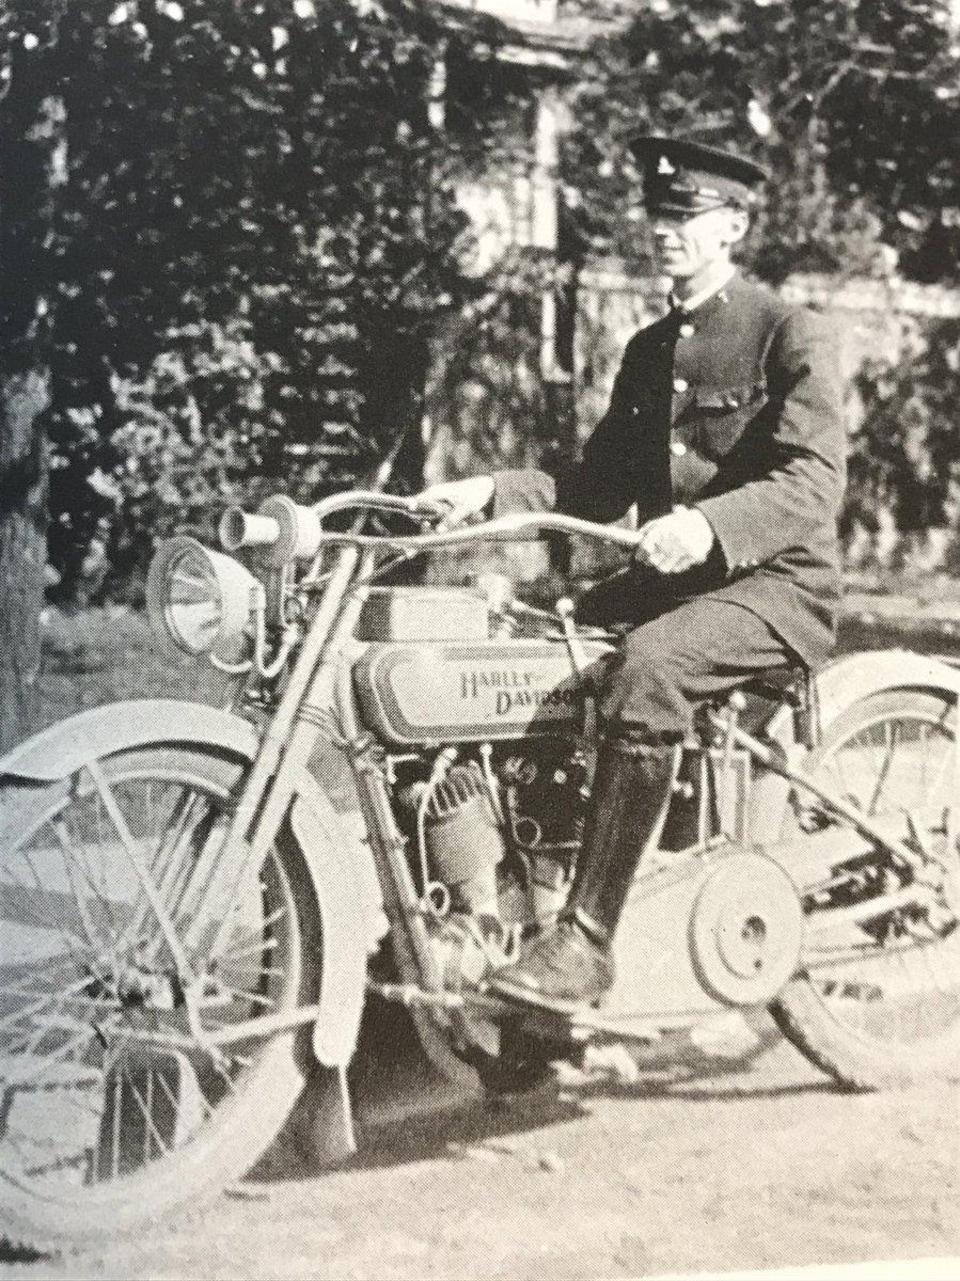 Image d'archives - un policier est sur une moto.